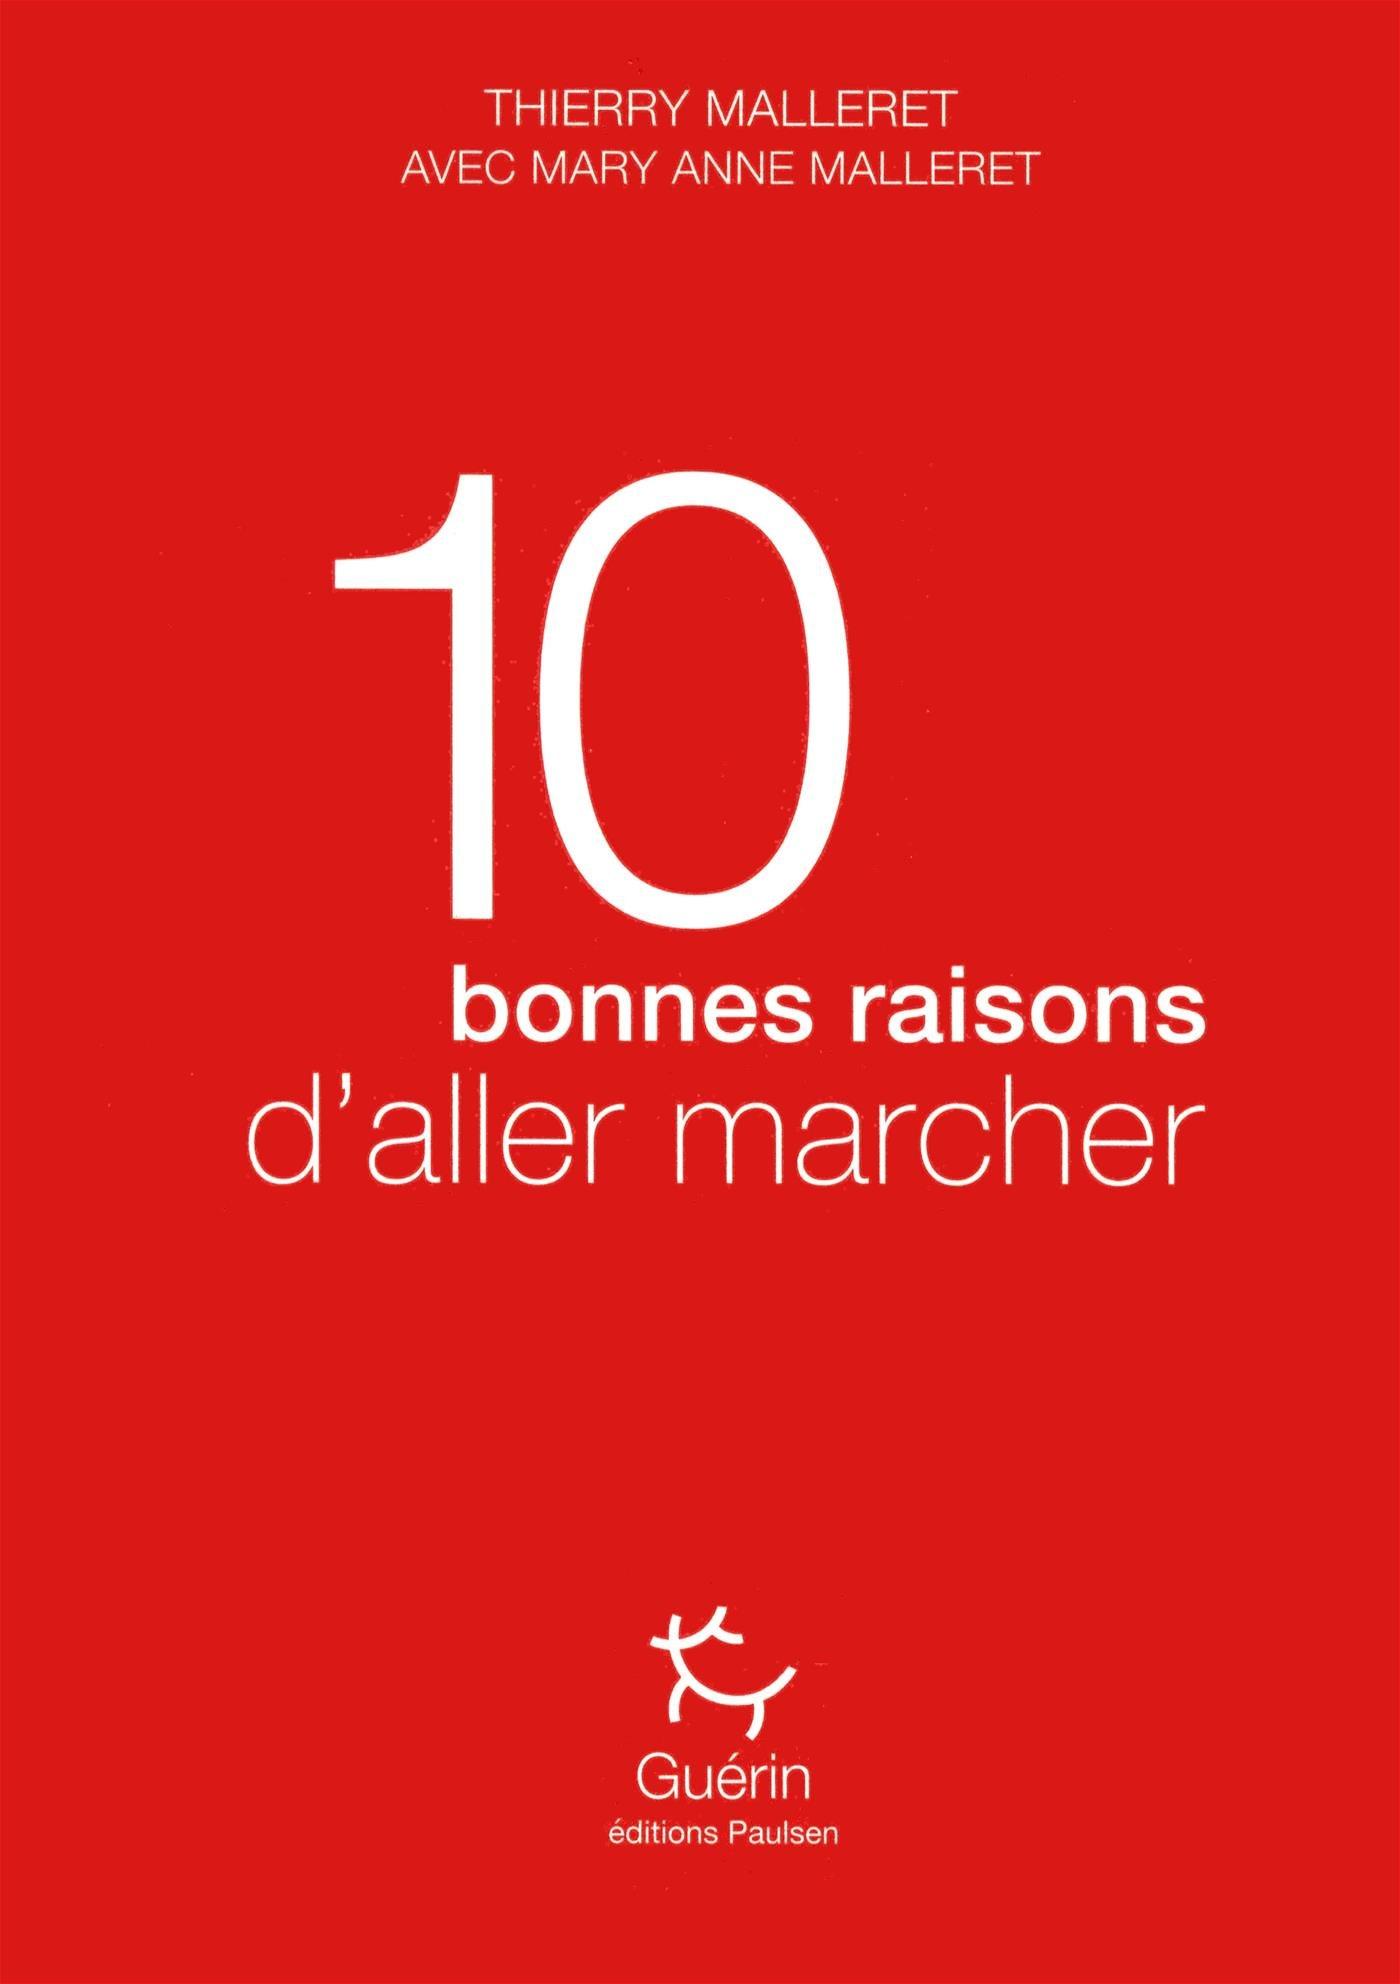 10 bonnes raisons d'aller marcher Poche – 5 avril 2018 Thierry Malleret Mary anne Malleret Paulsen - Guerin 2352212510